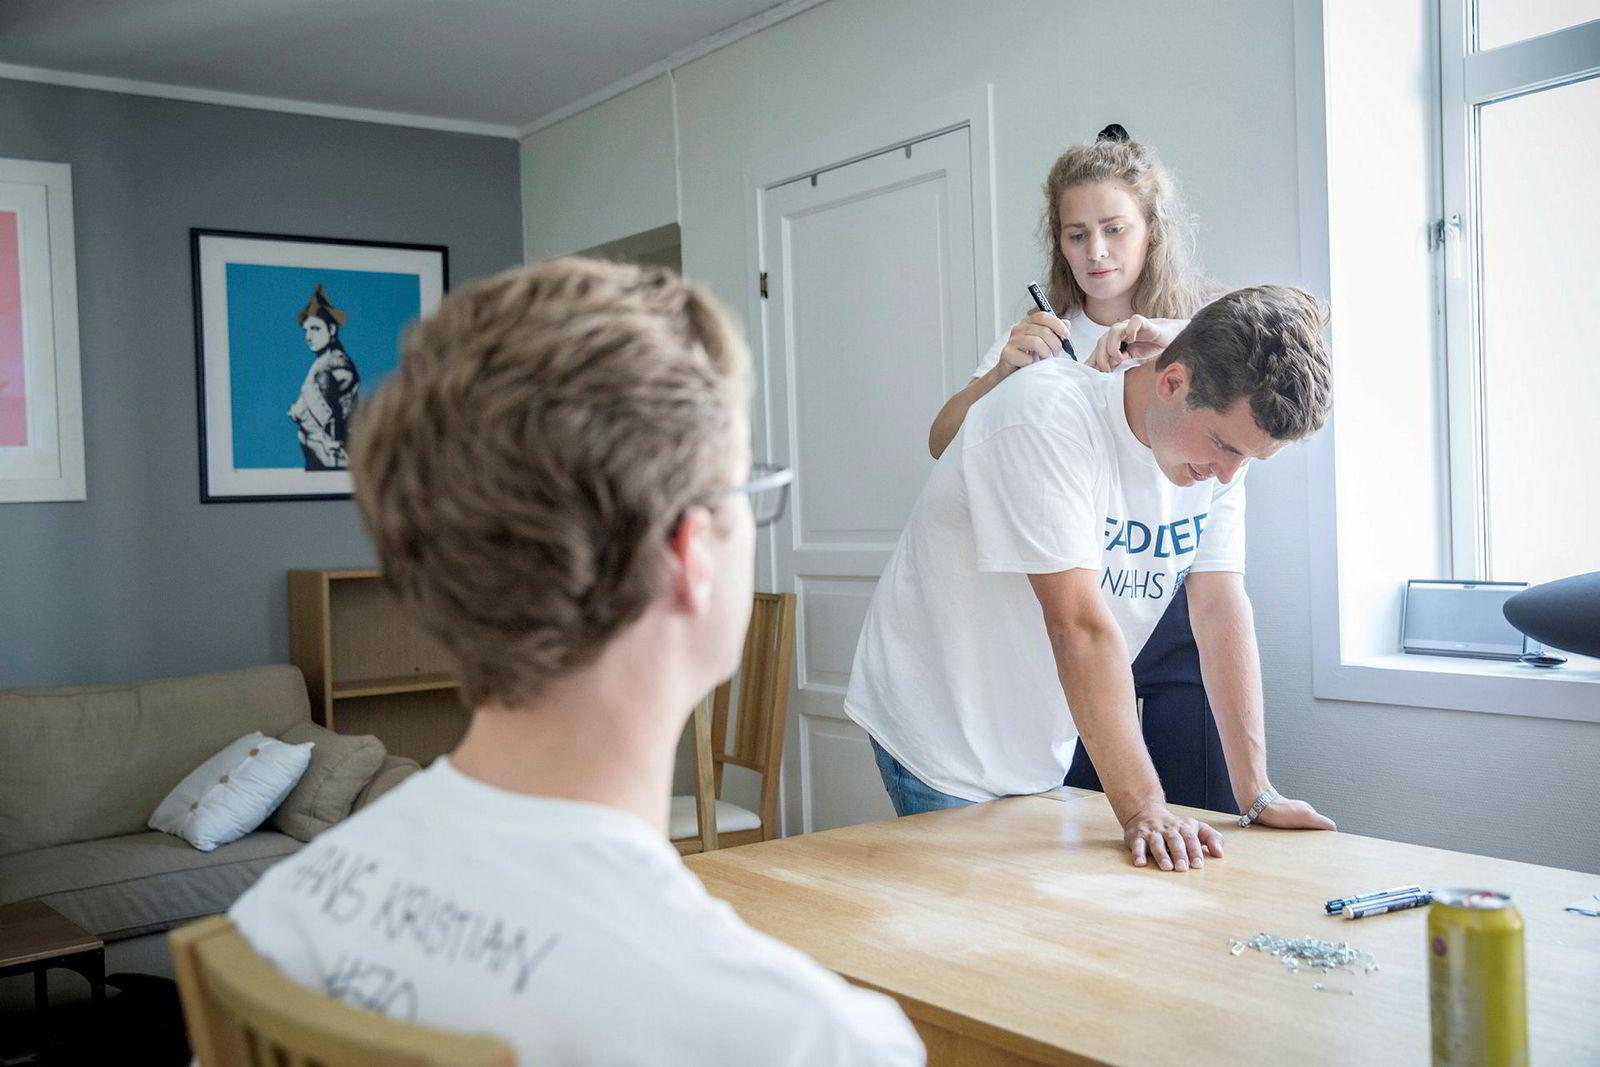 Ingrid Døssland skriver navnet til Mats Erik Wøien på ryggen hans, mens de venter på at fadderbarna skal dukke opp på fadder-vorspiel i leiligheten hans. På kvelden er det dåp for de nye, som må drikke en shot med hemmelige ingredienser. Fadderne forsikrer om at den er ganske svak.